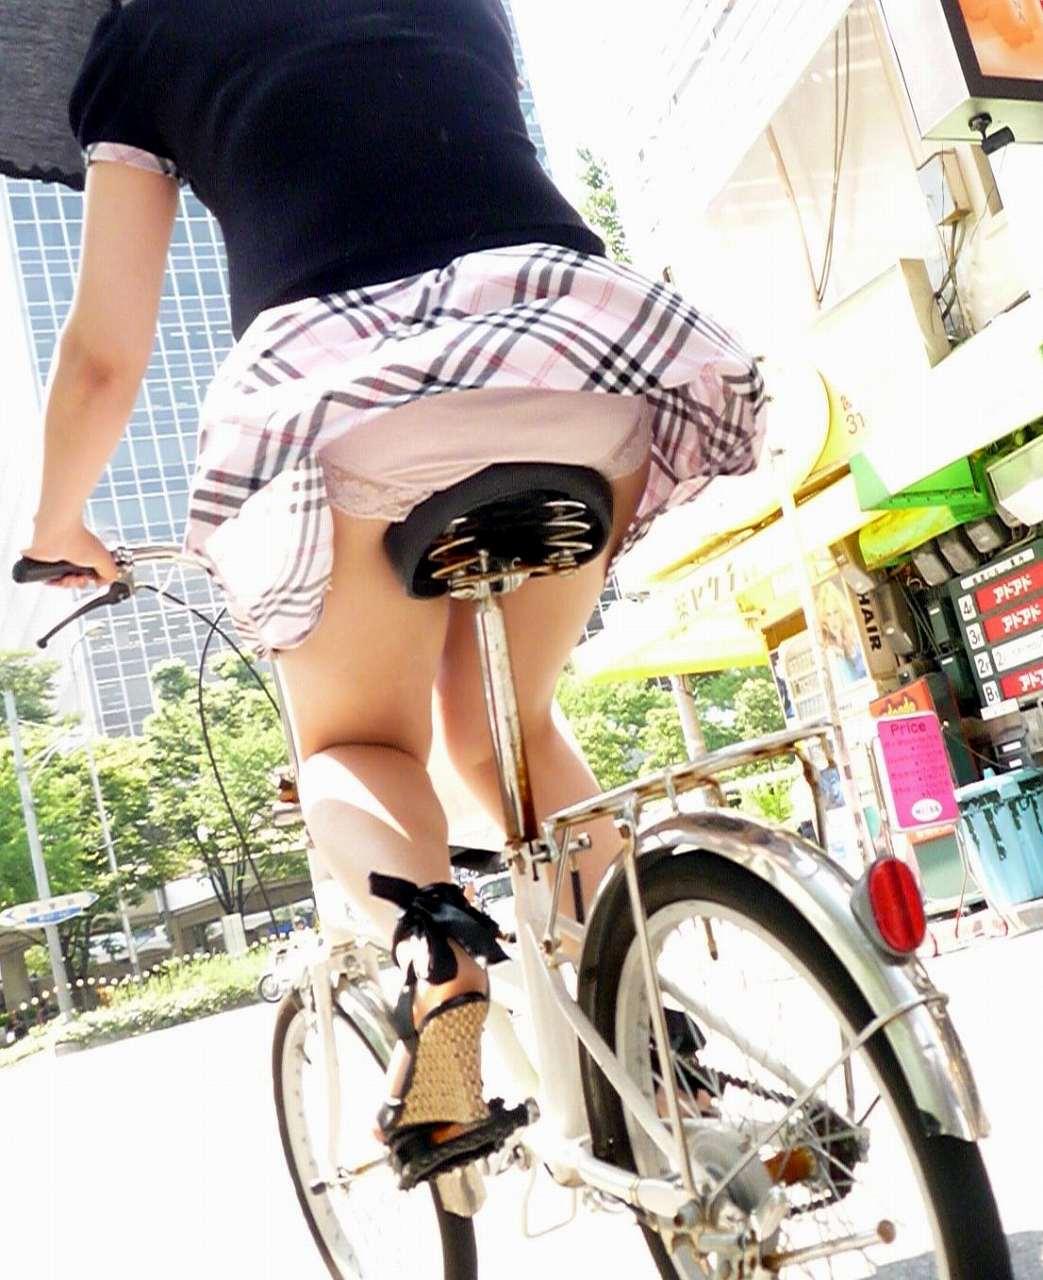 自転車パンチラエロ画像!パンツ一枚事故のもと!マジで!【22】